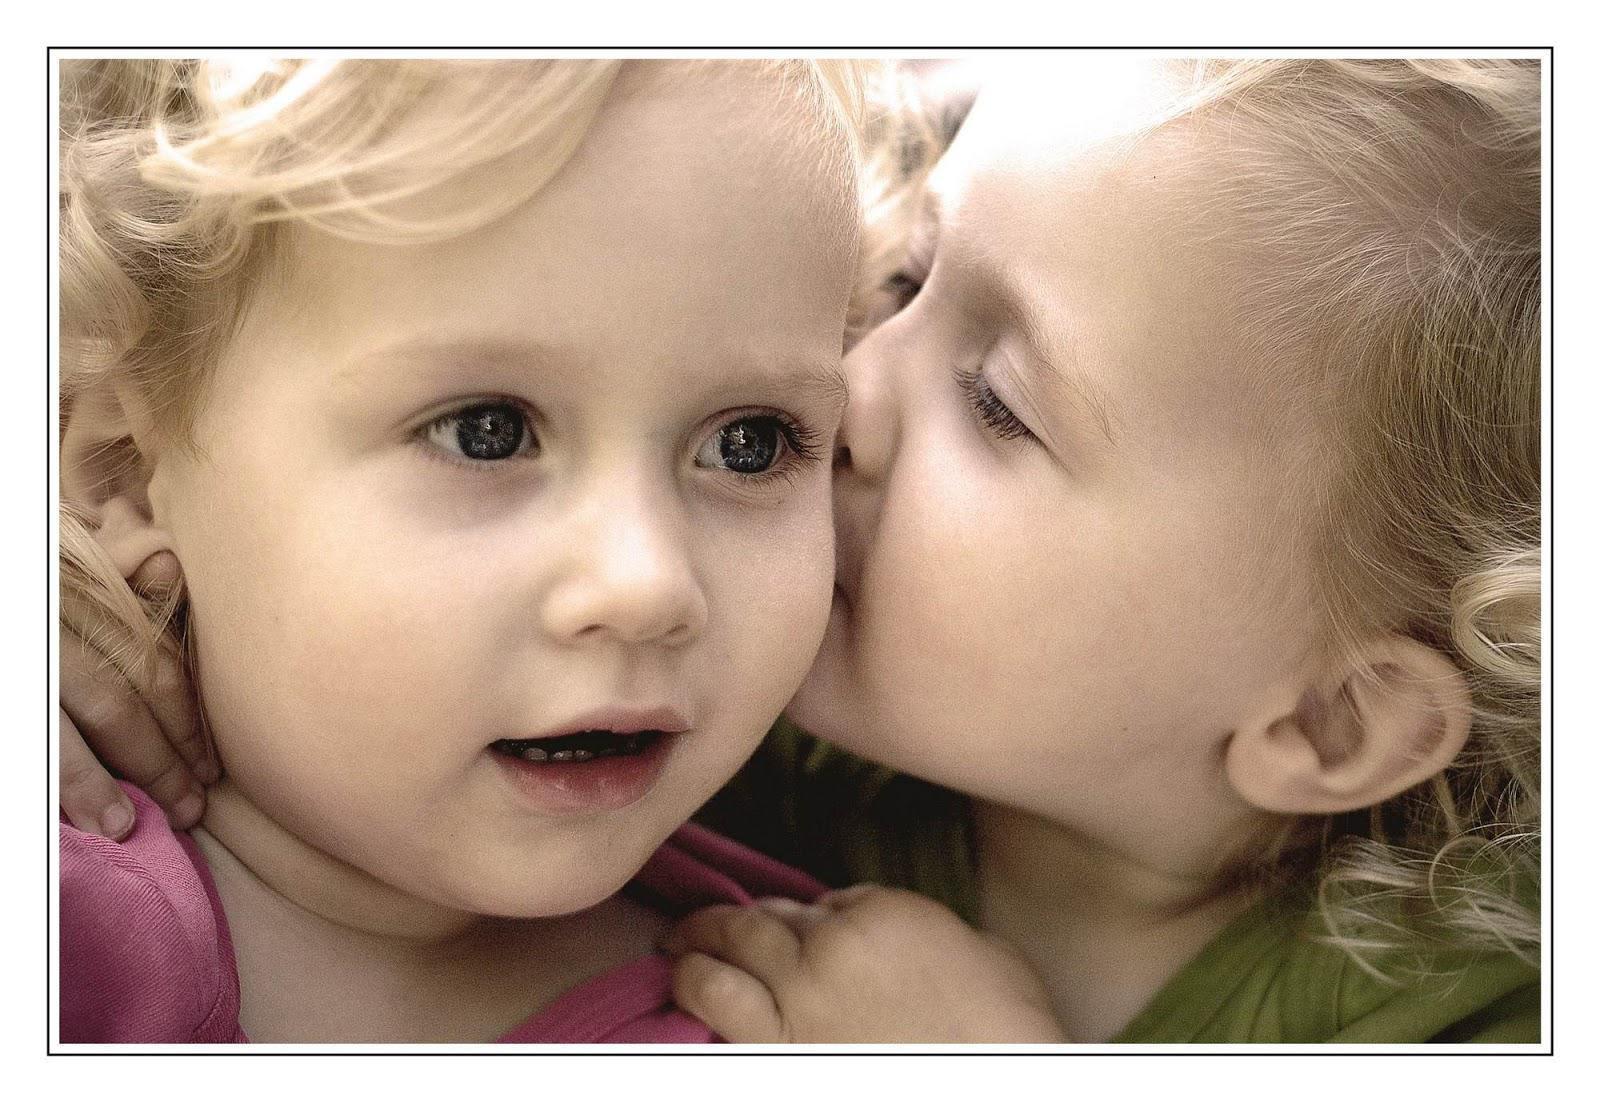 Galeri Gambar Lucu Ciuman